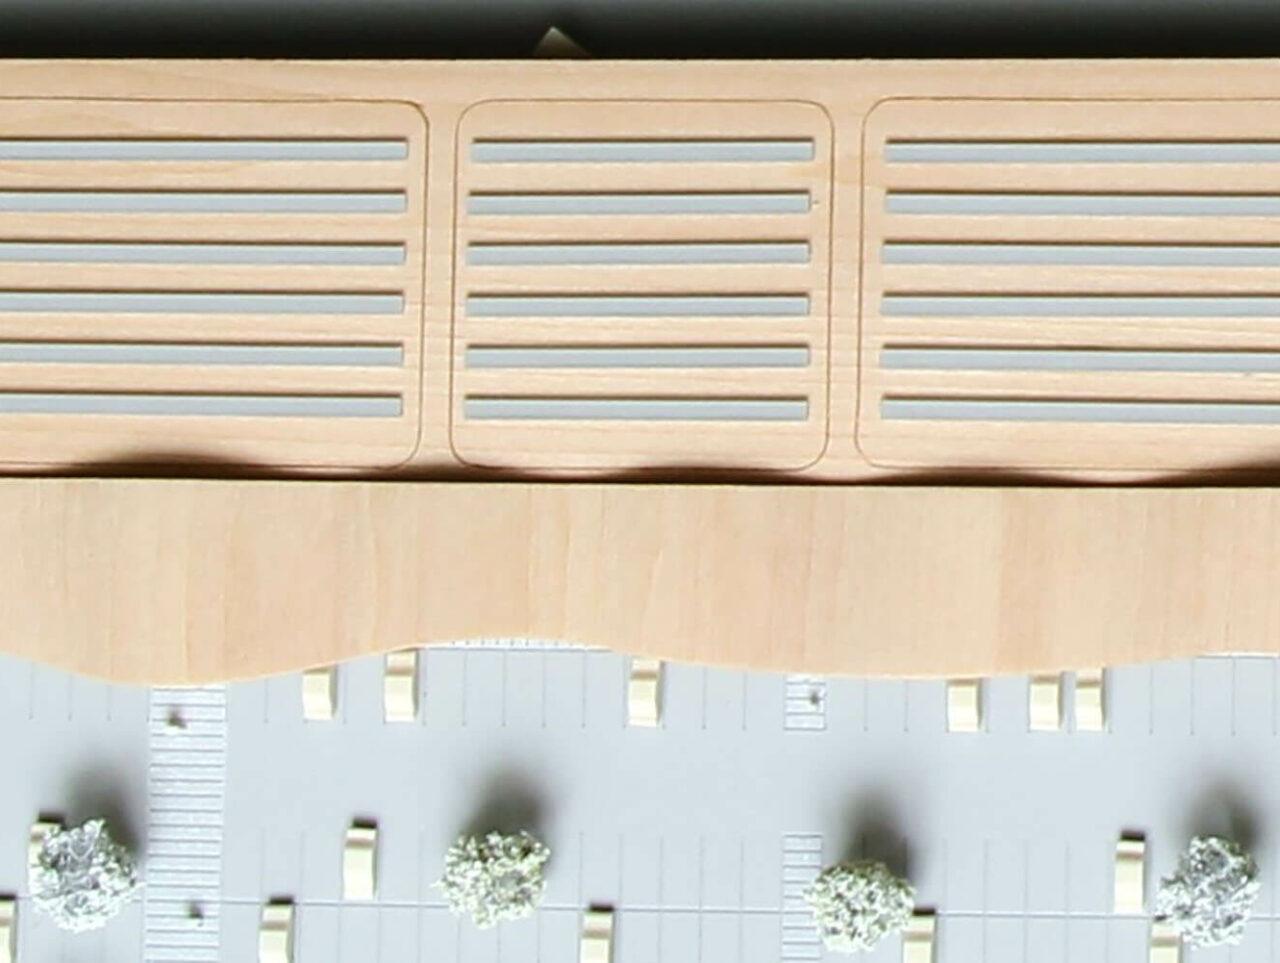 Rheda Wiedenbrueck Fachmarktzentrum mit Wohnbebauung Anerkennung Leichtigkeit Modell